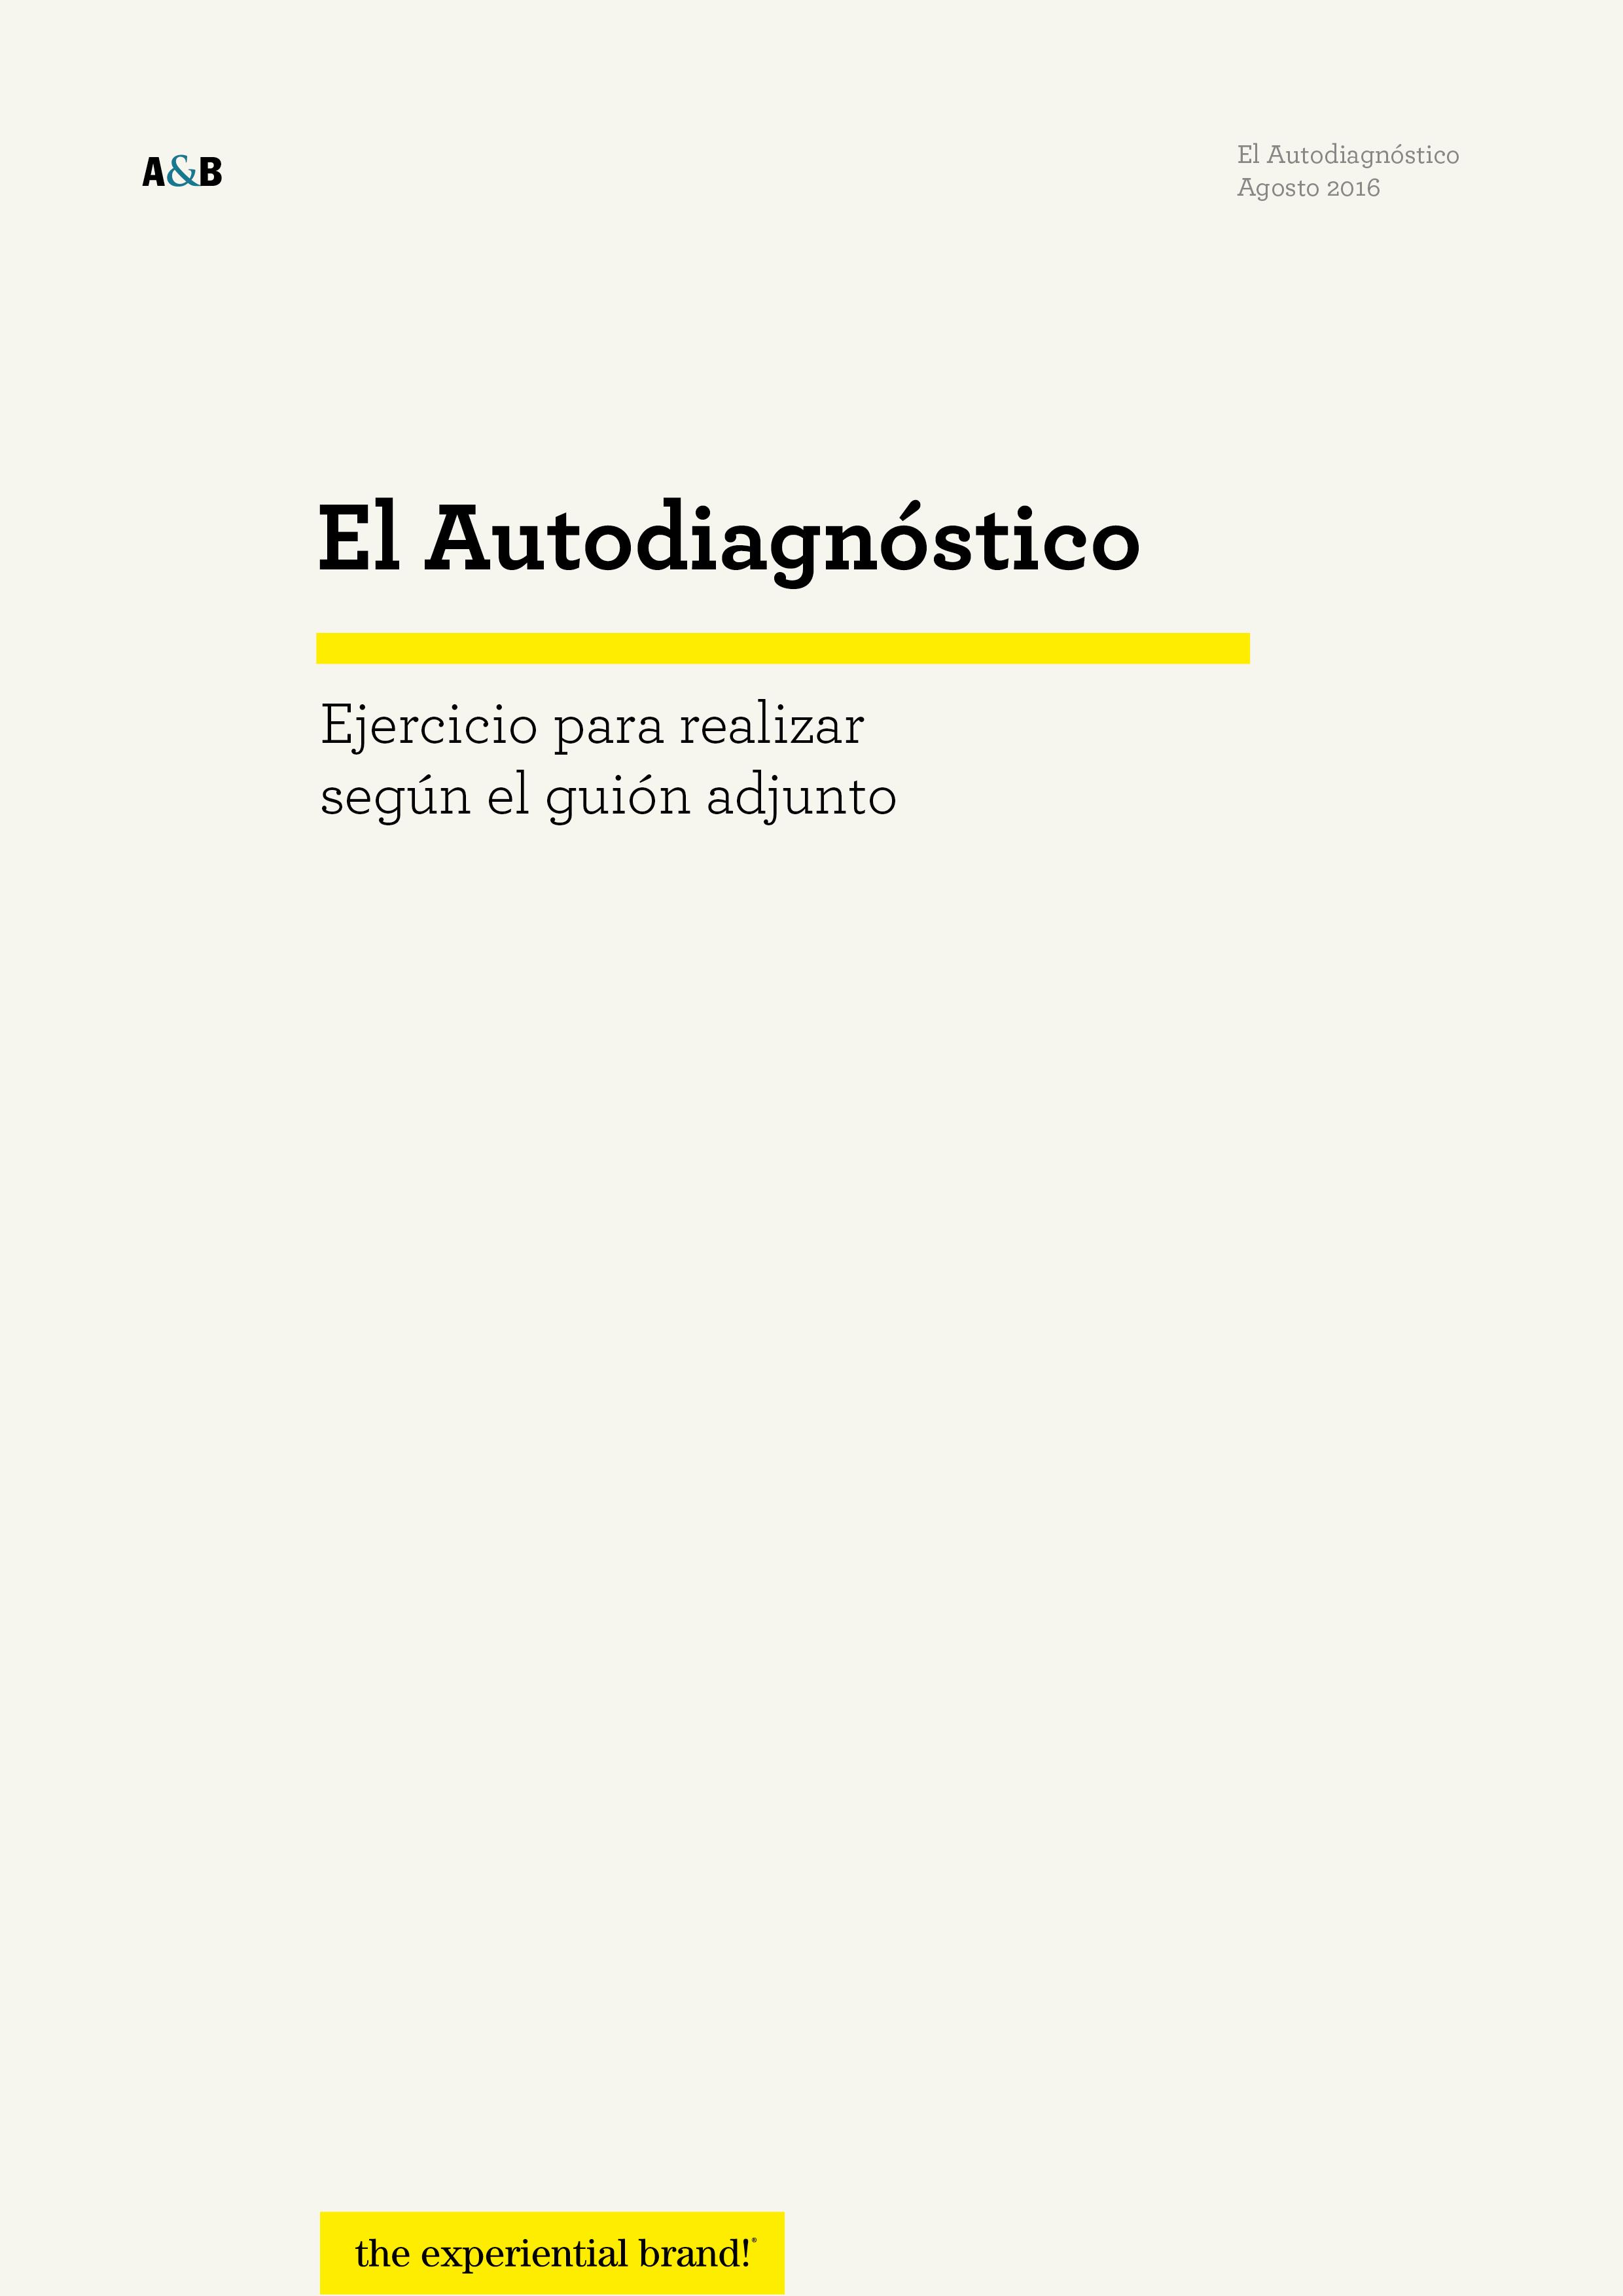 Autodiagnostico-Arrontes-y-Barrera-2016-01